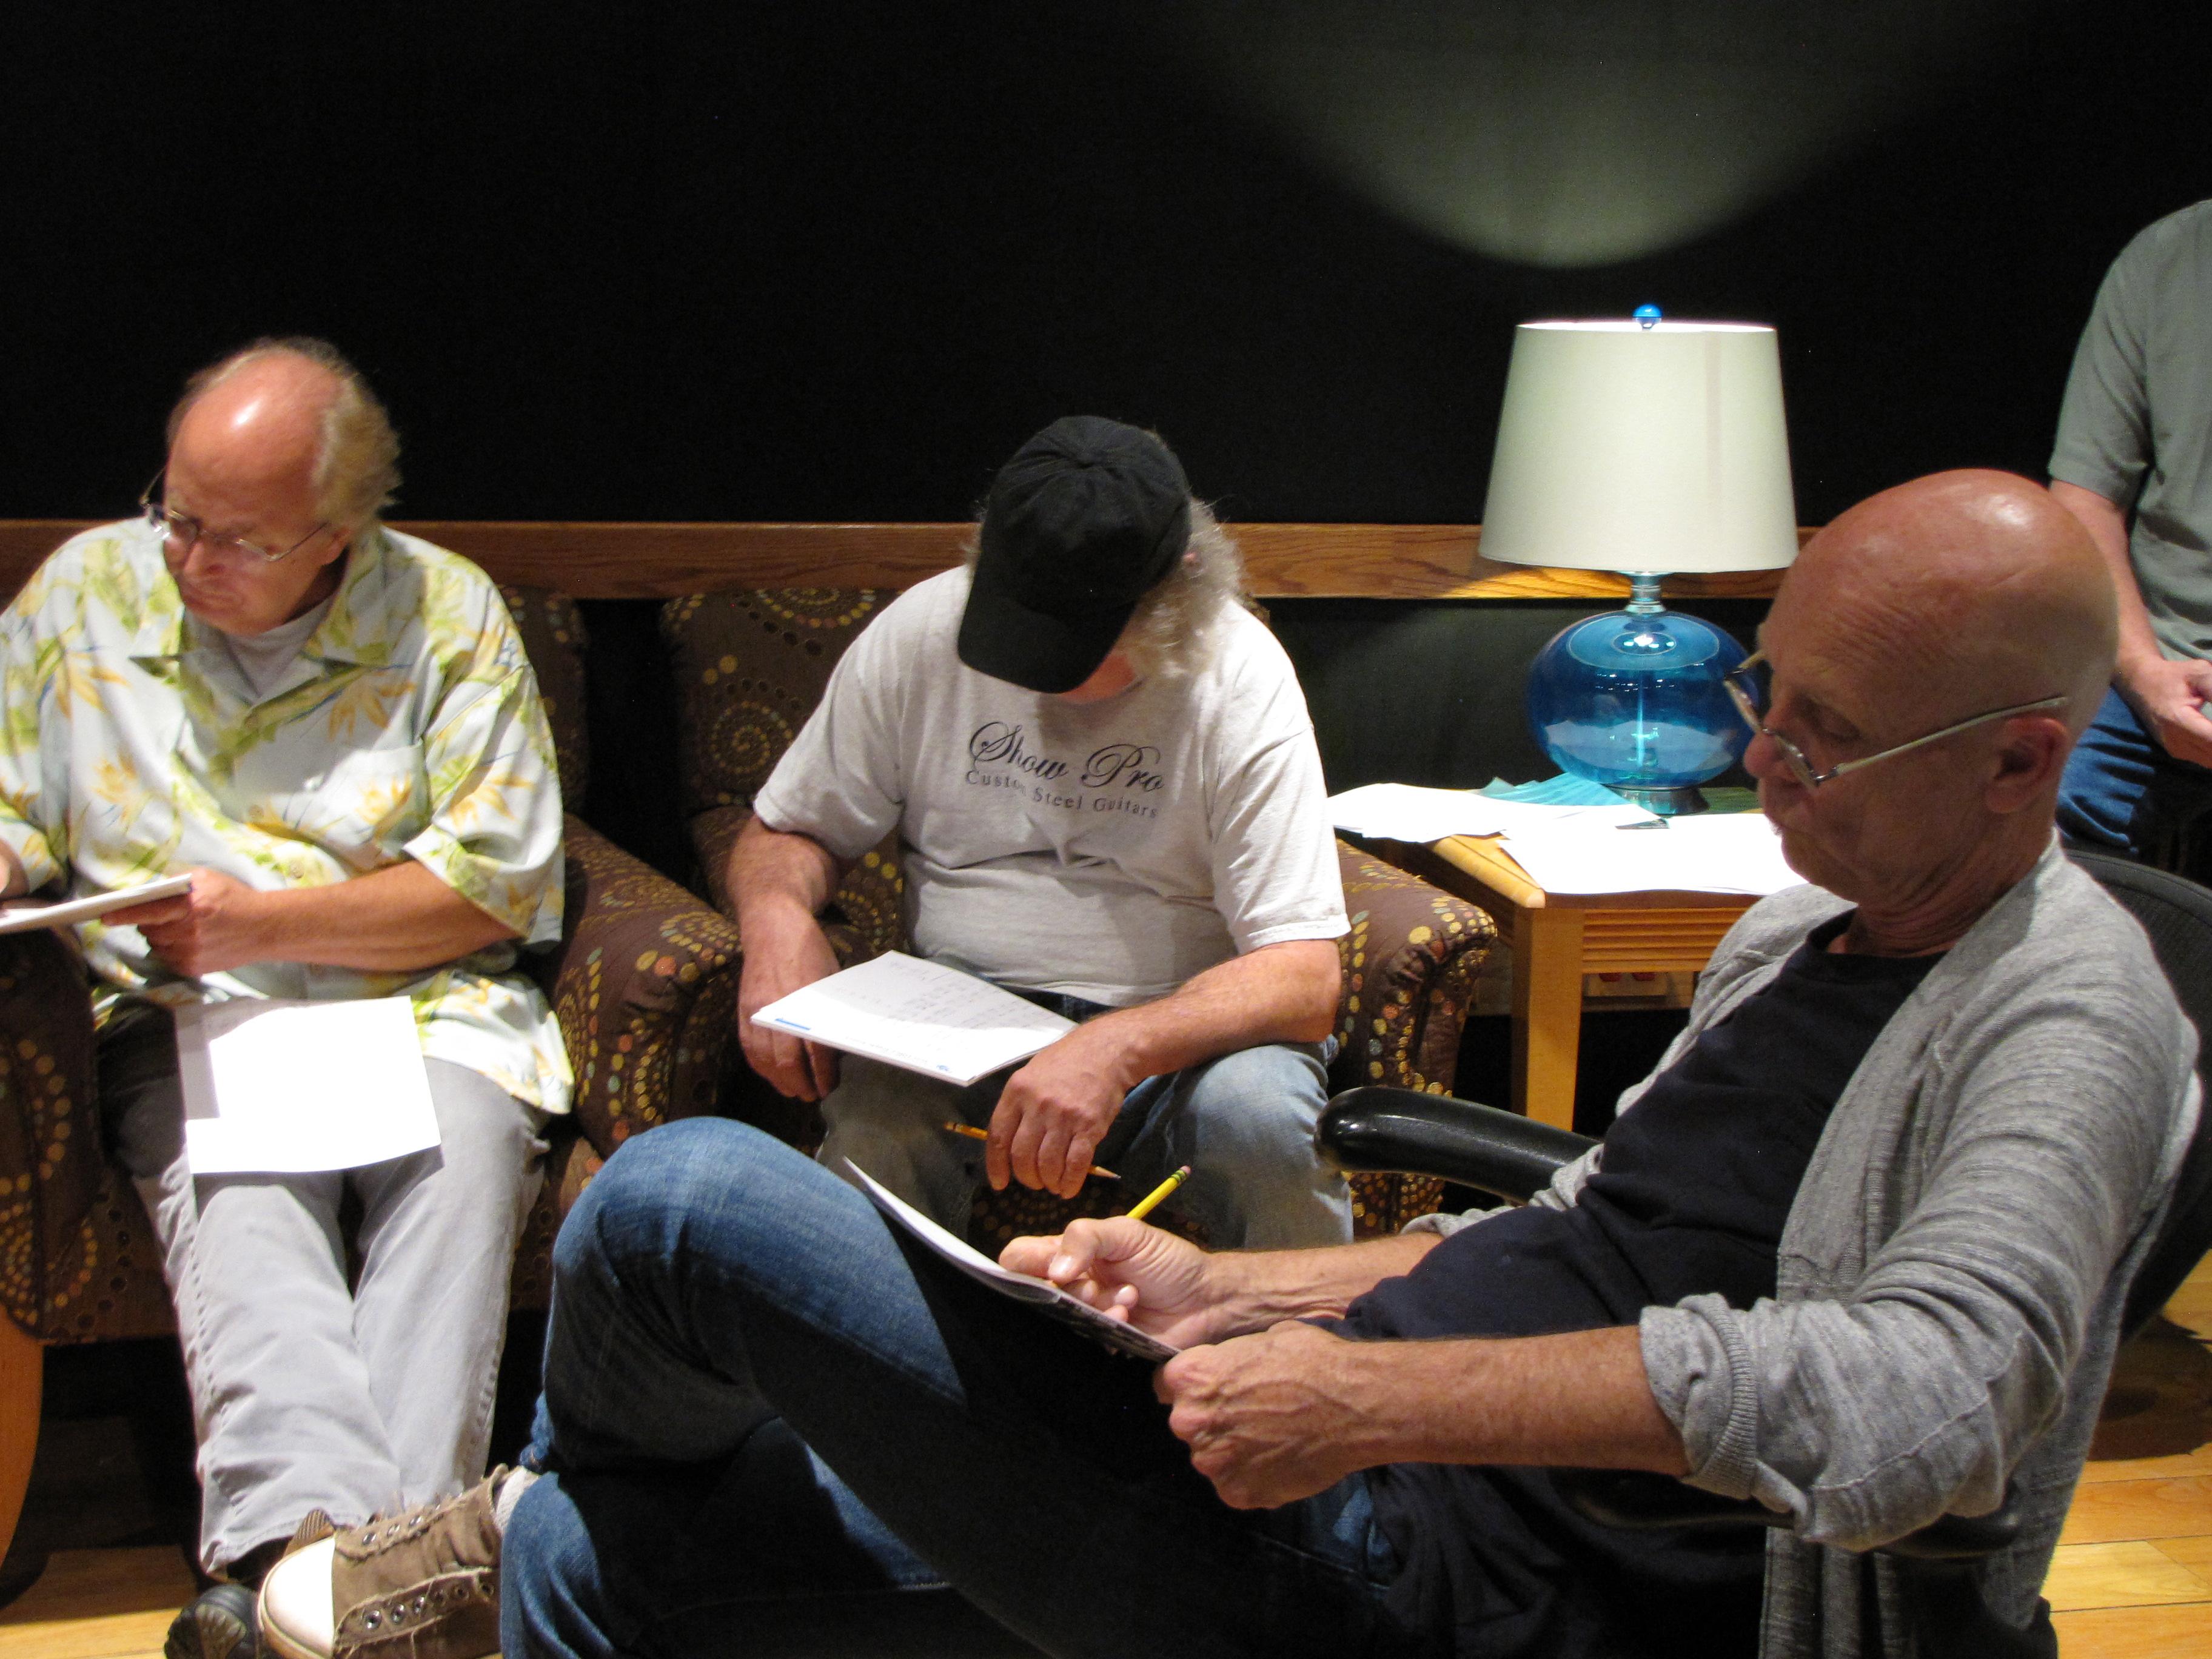 Dan Dugmore & Michael Rhodes